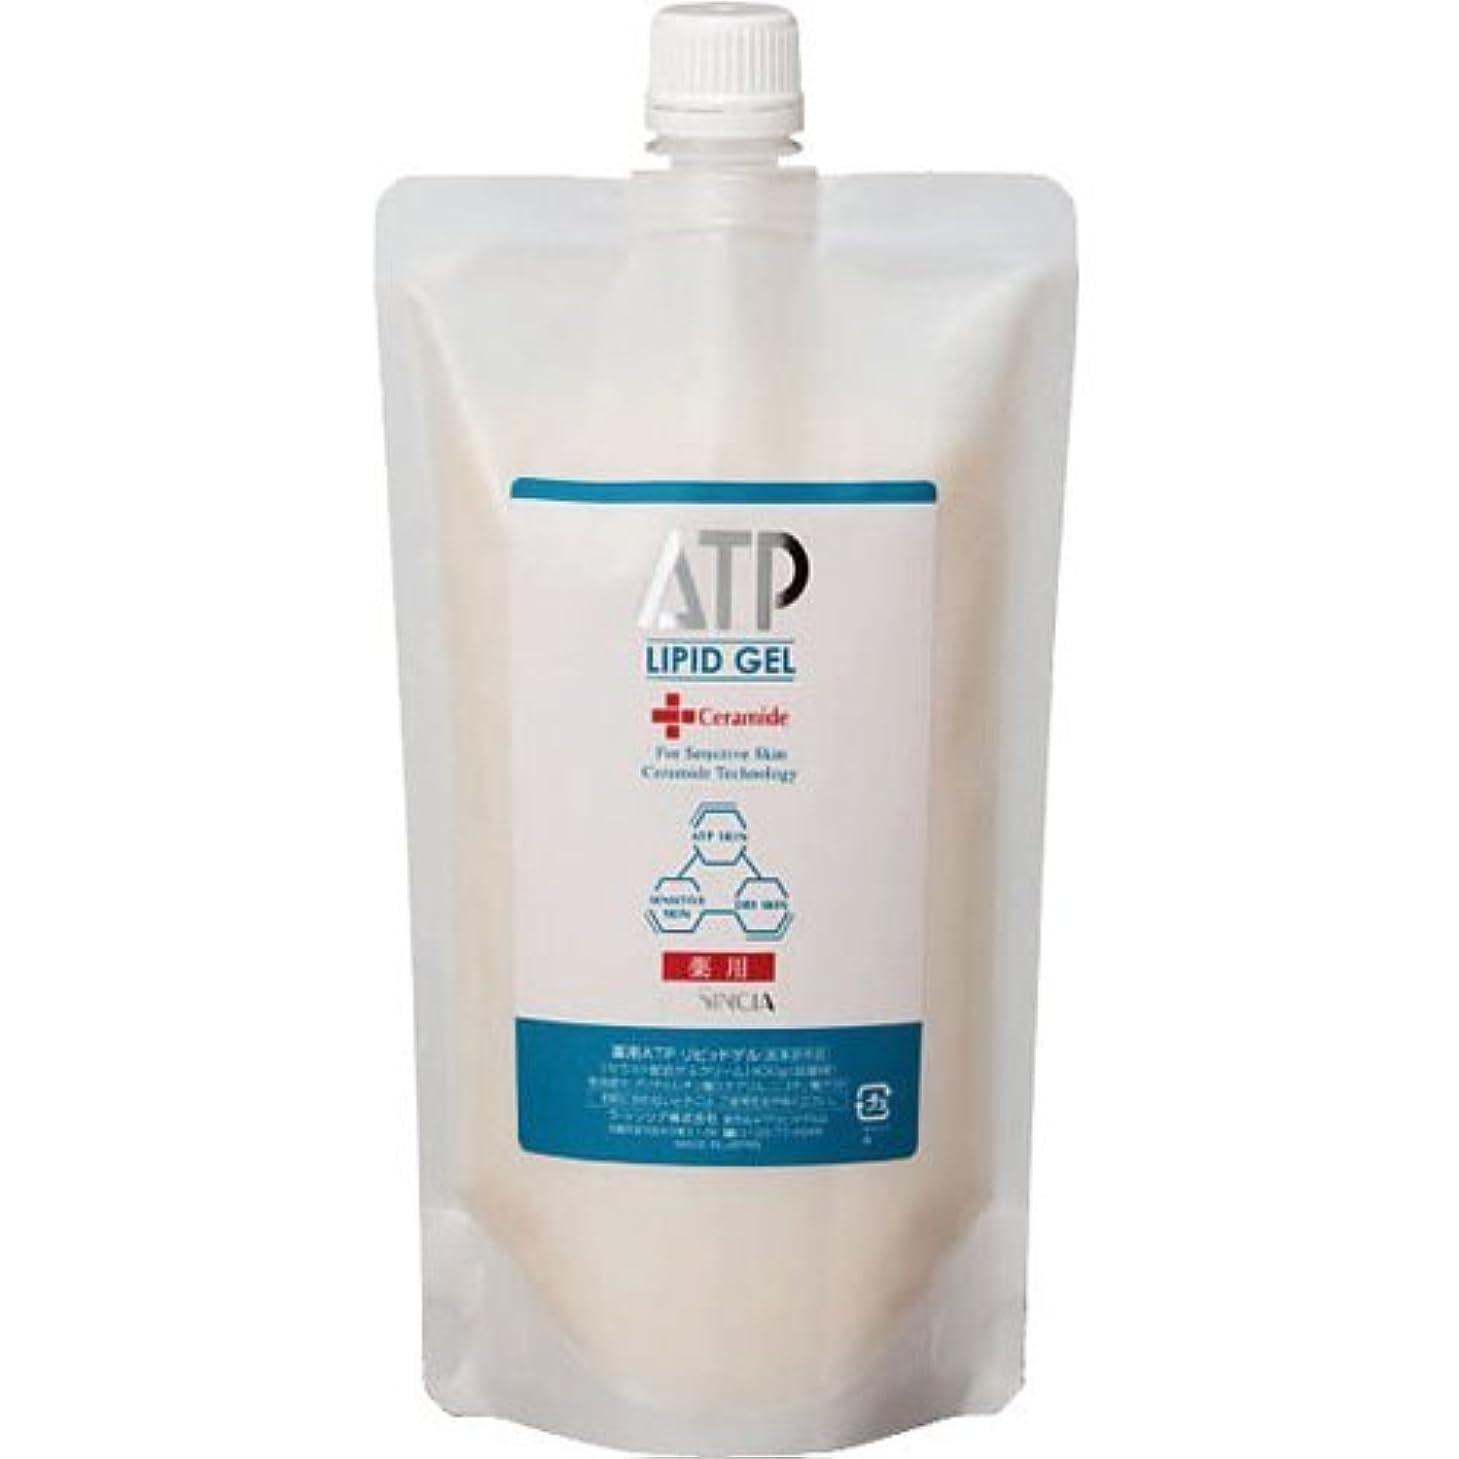 代理人美的ゲートラシンシア 薬用ATPリピッドゲル 400g(詰替用) 【セラミド配合ゲルクリーム】